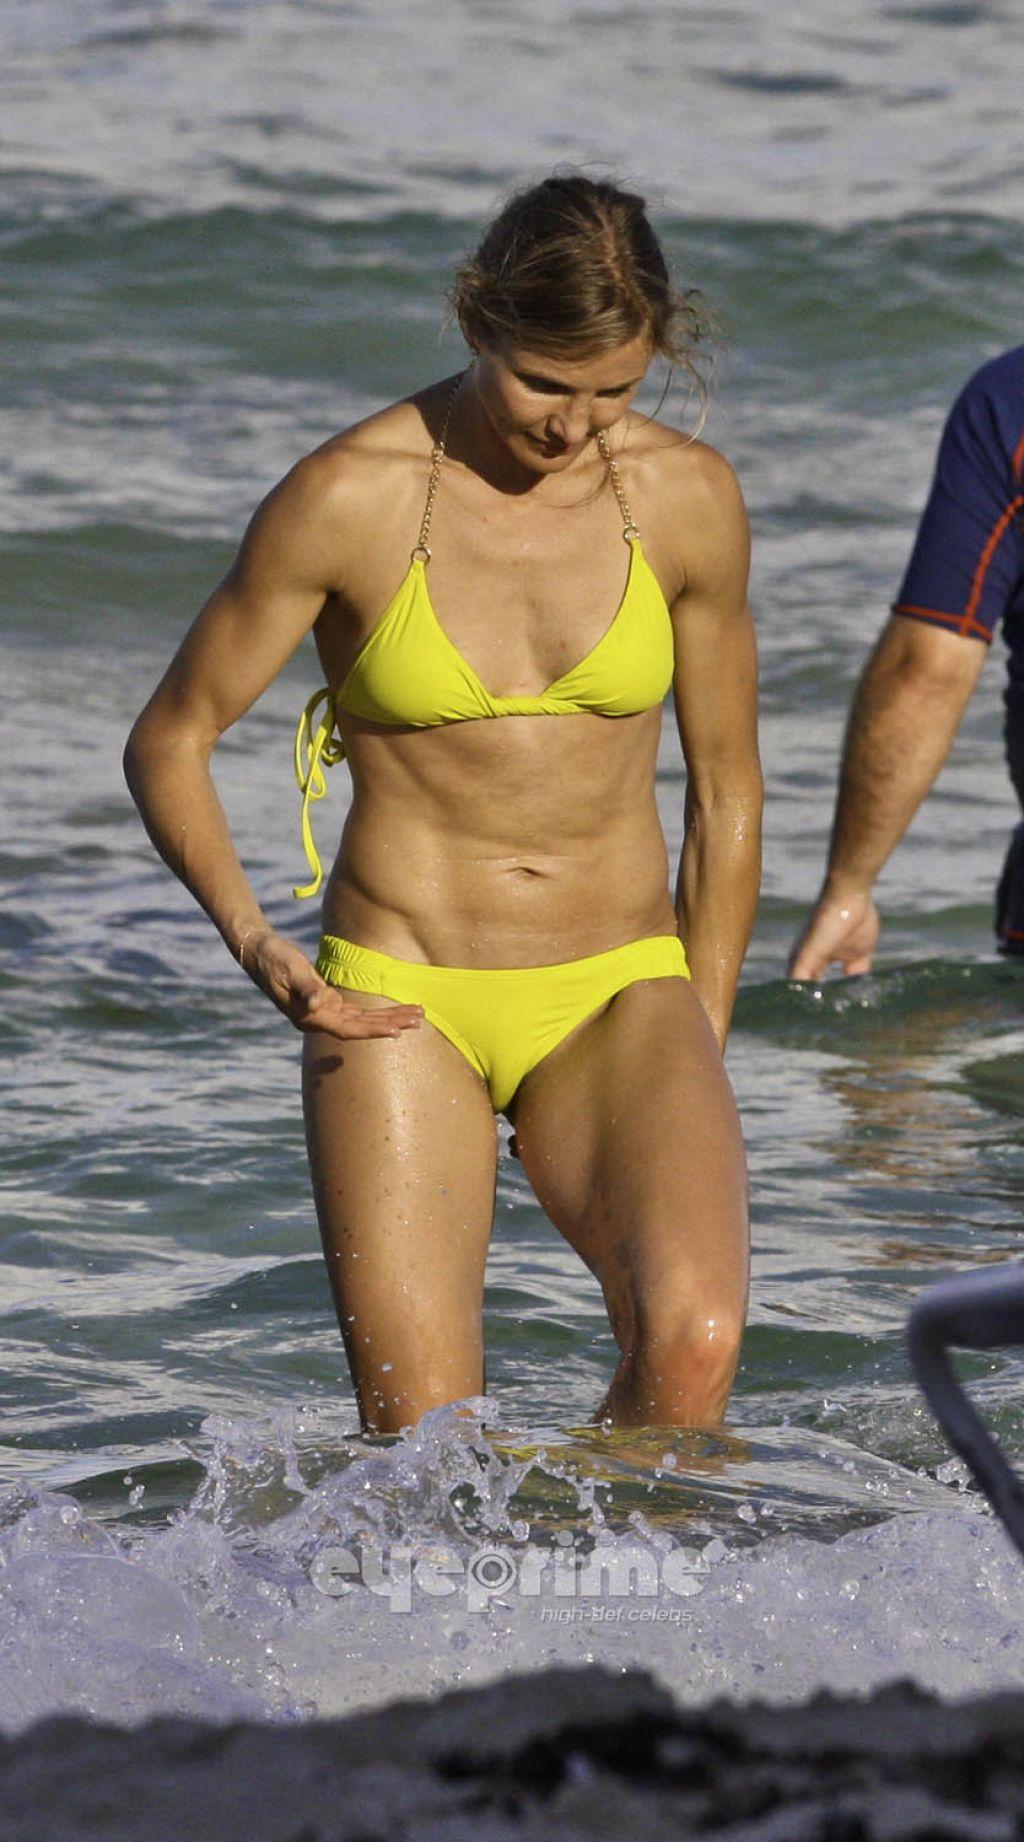 Cameron Diaz In Yellow Bikini - South Beach July 2011-4746